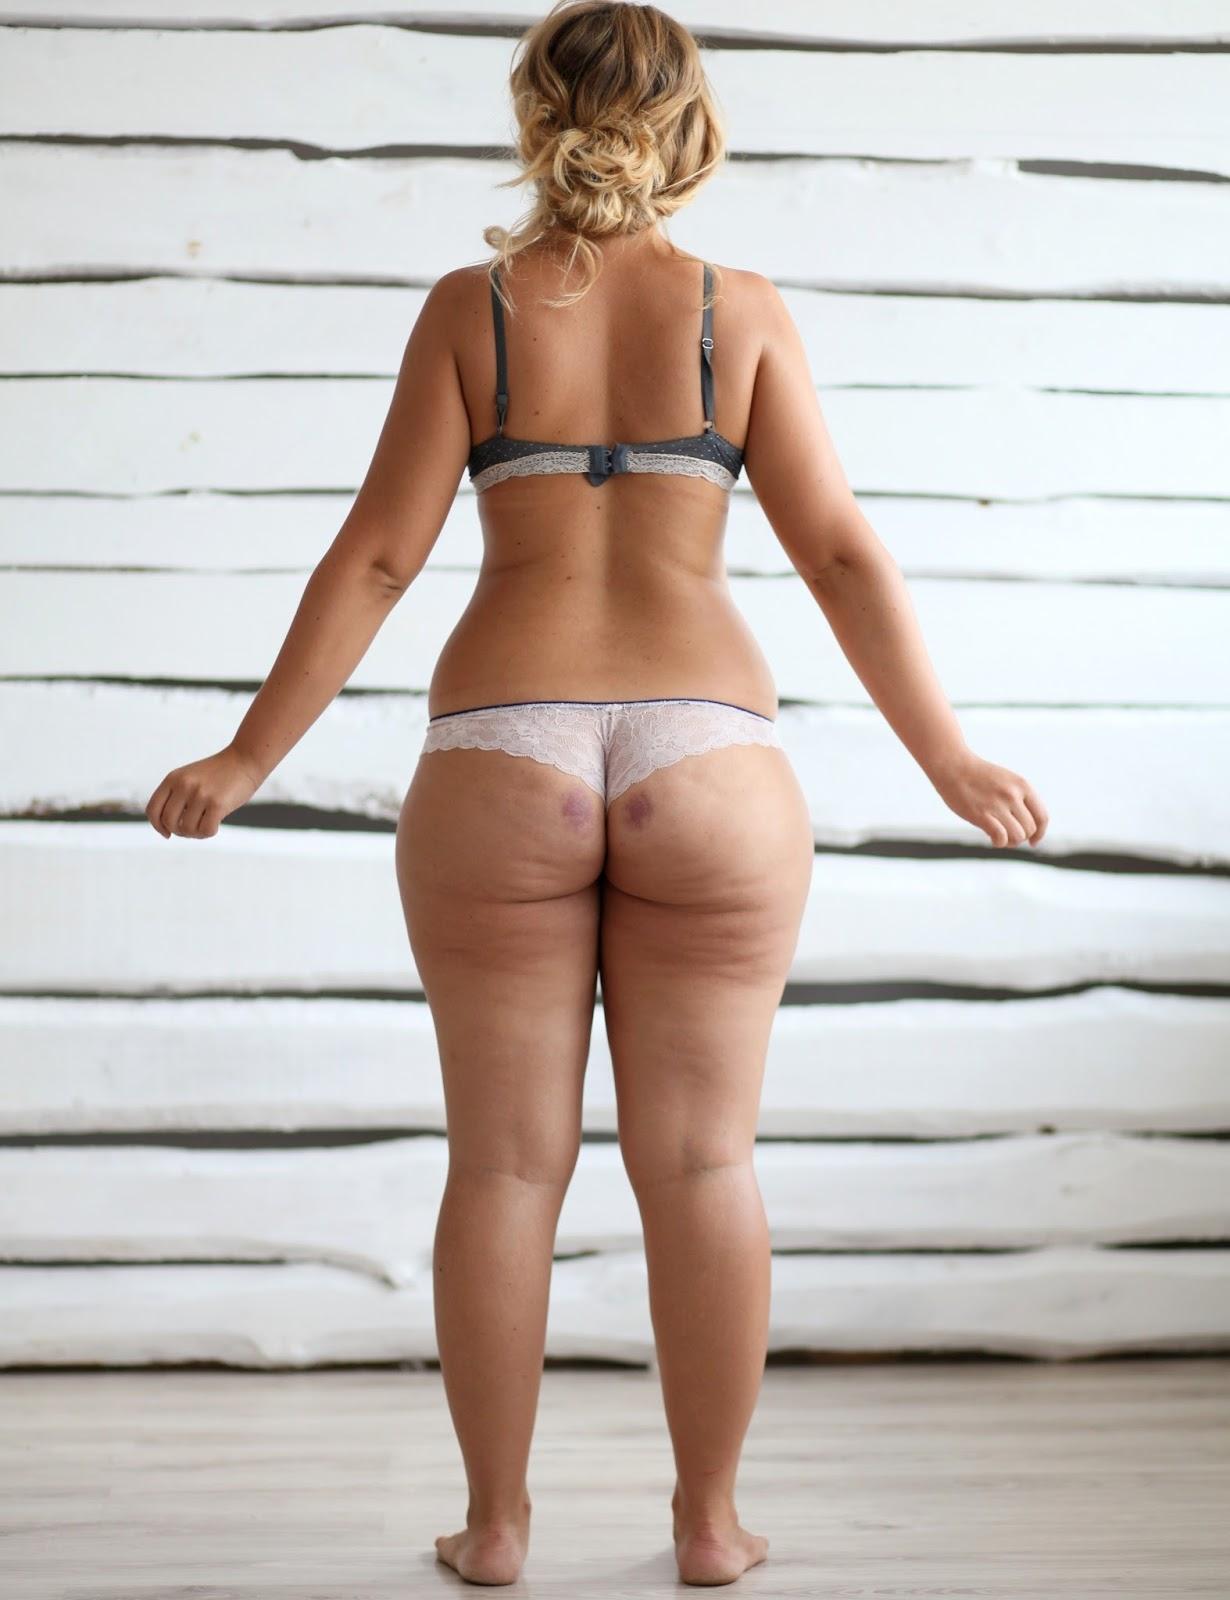 Зрелые женские попы вид сзади, на публике соблазнительные порно